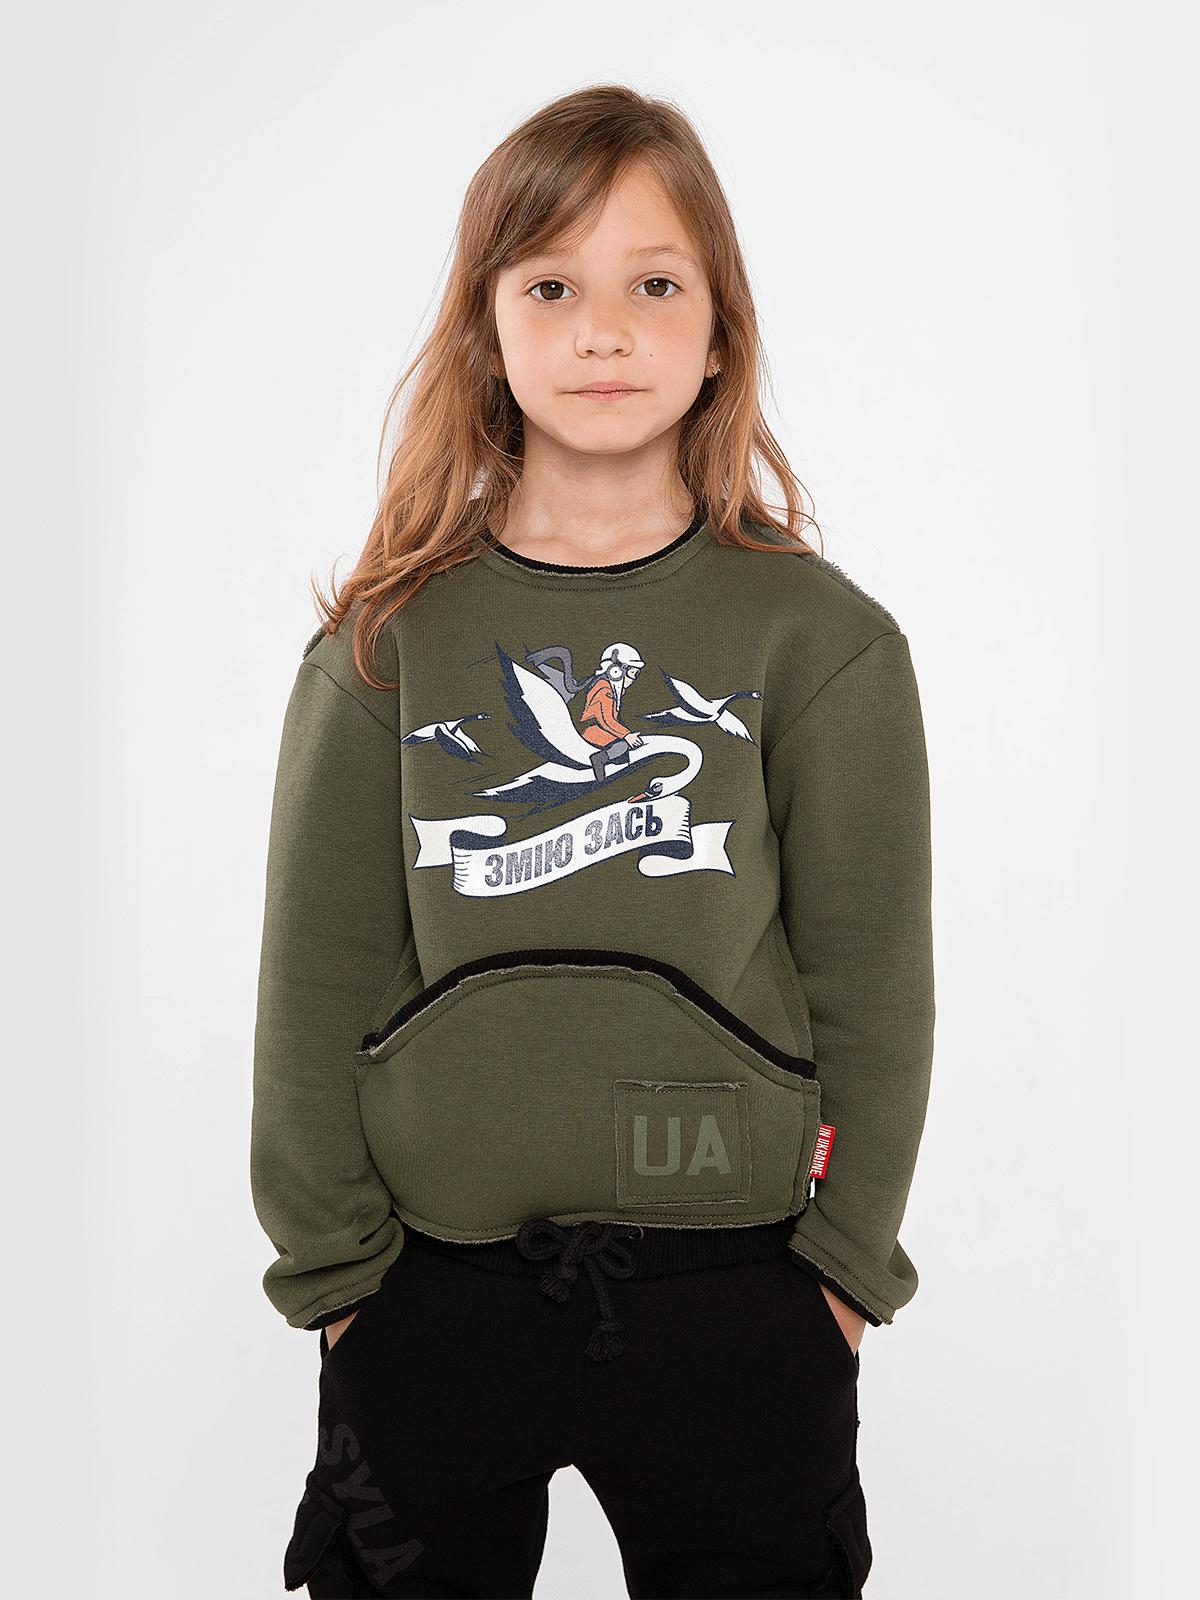 Kids Sweatshirt Dragon Won't Get It!.  Технологія нанесення зображень: шовкодрук.